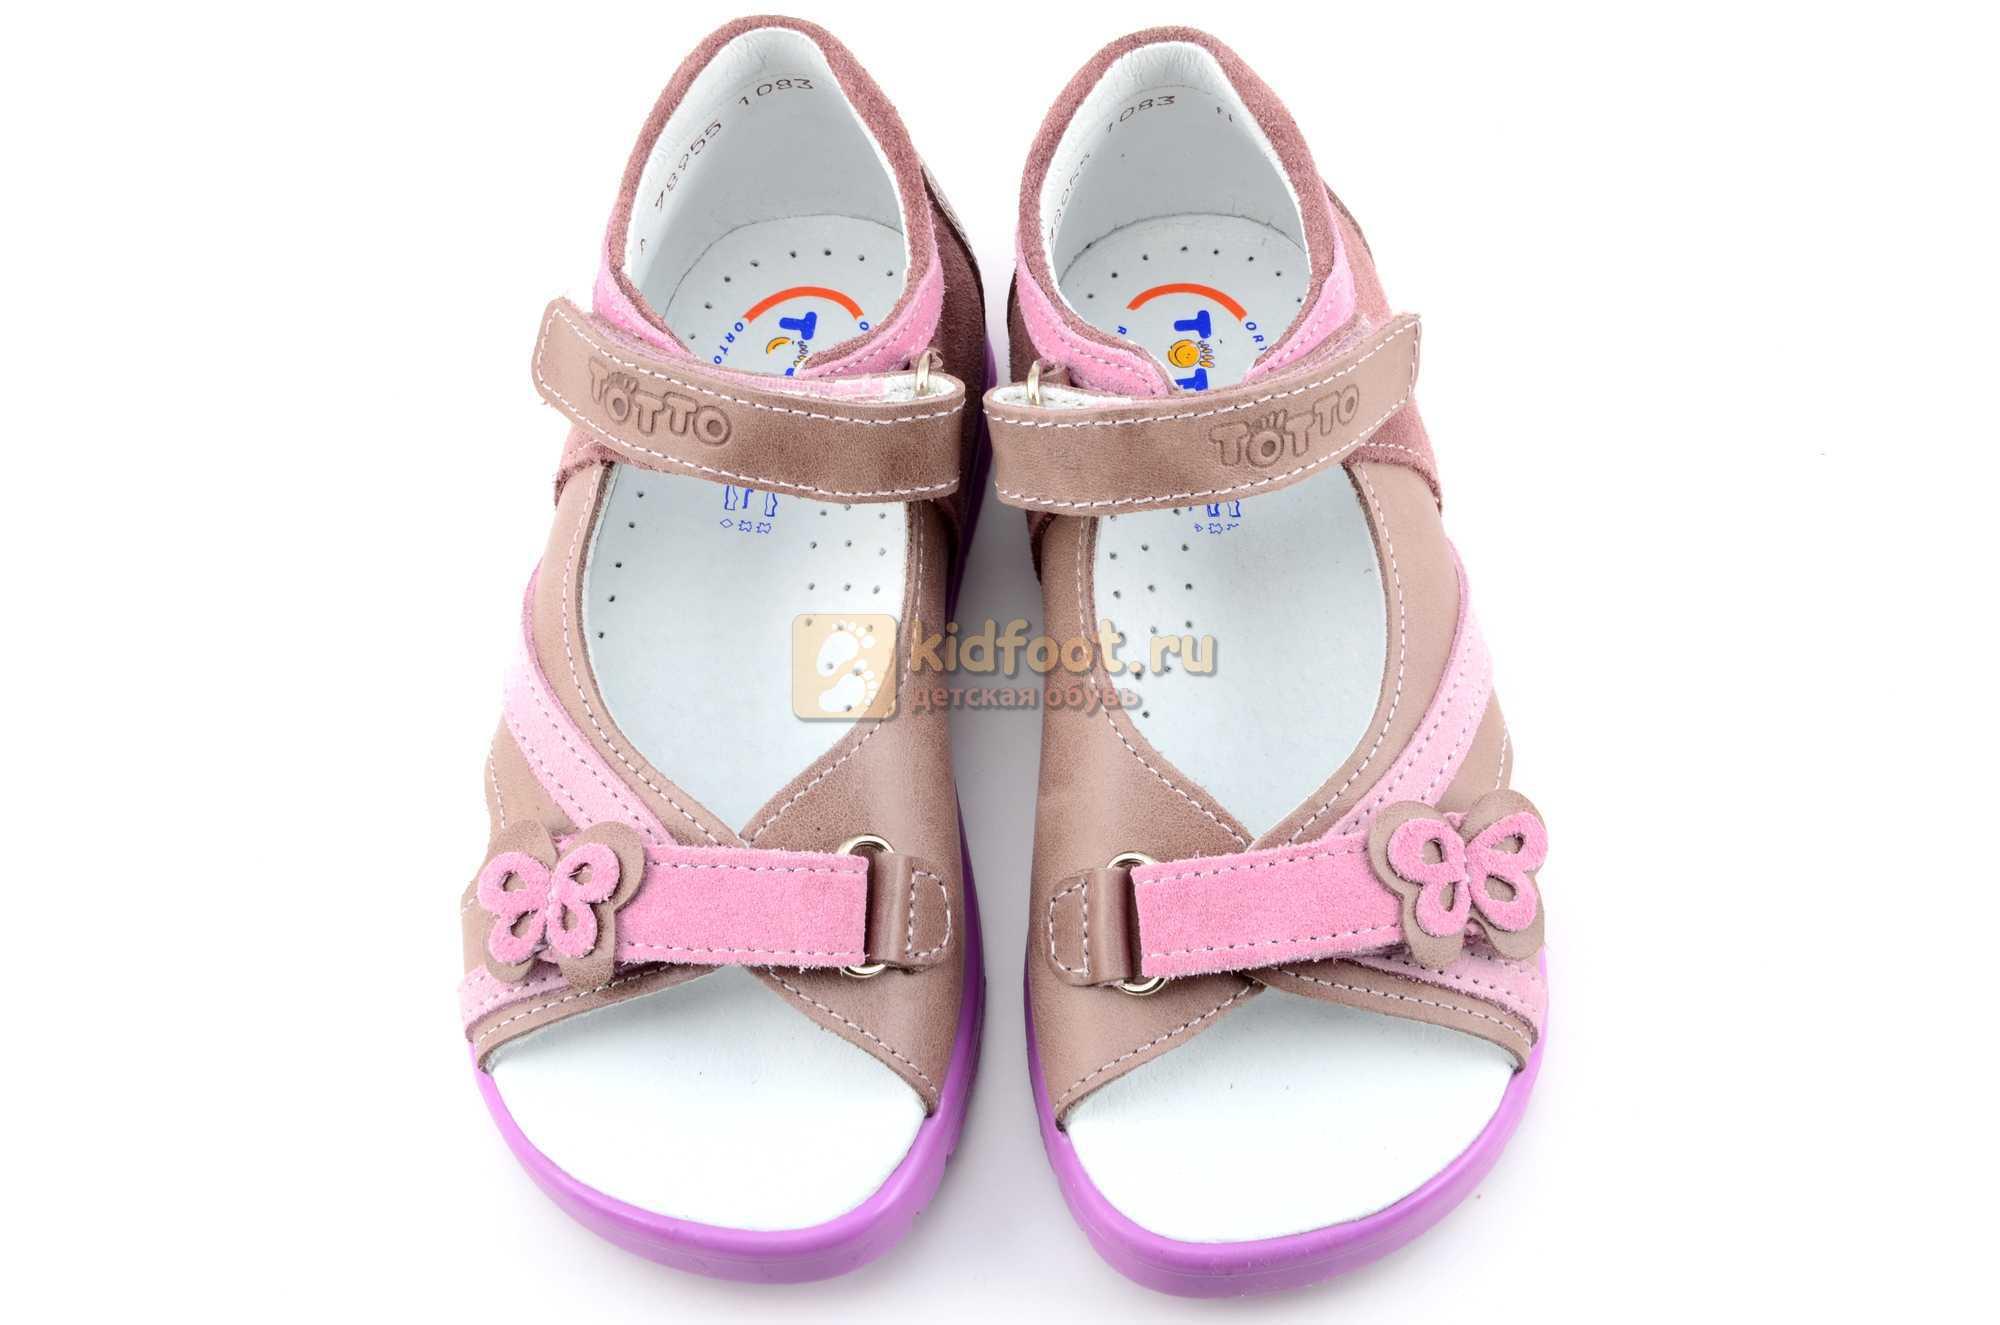 Босоножки Тотто из натуральной кожи с открытым носом для девочек, цвет ирис розовый